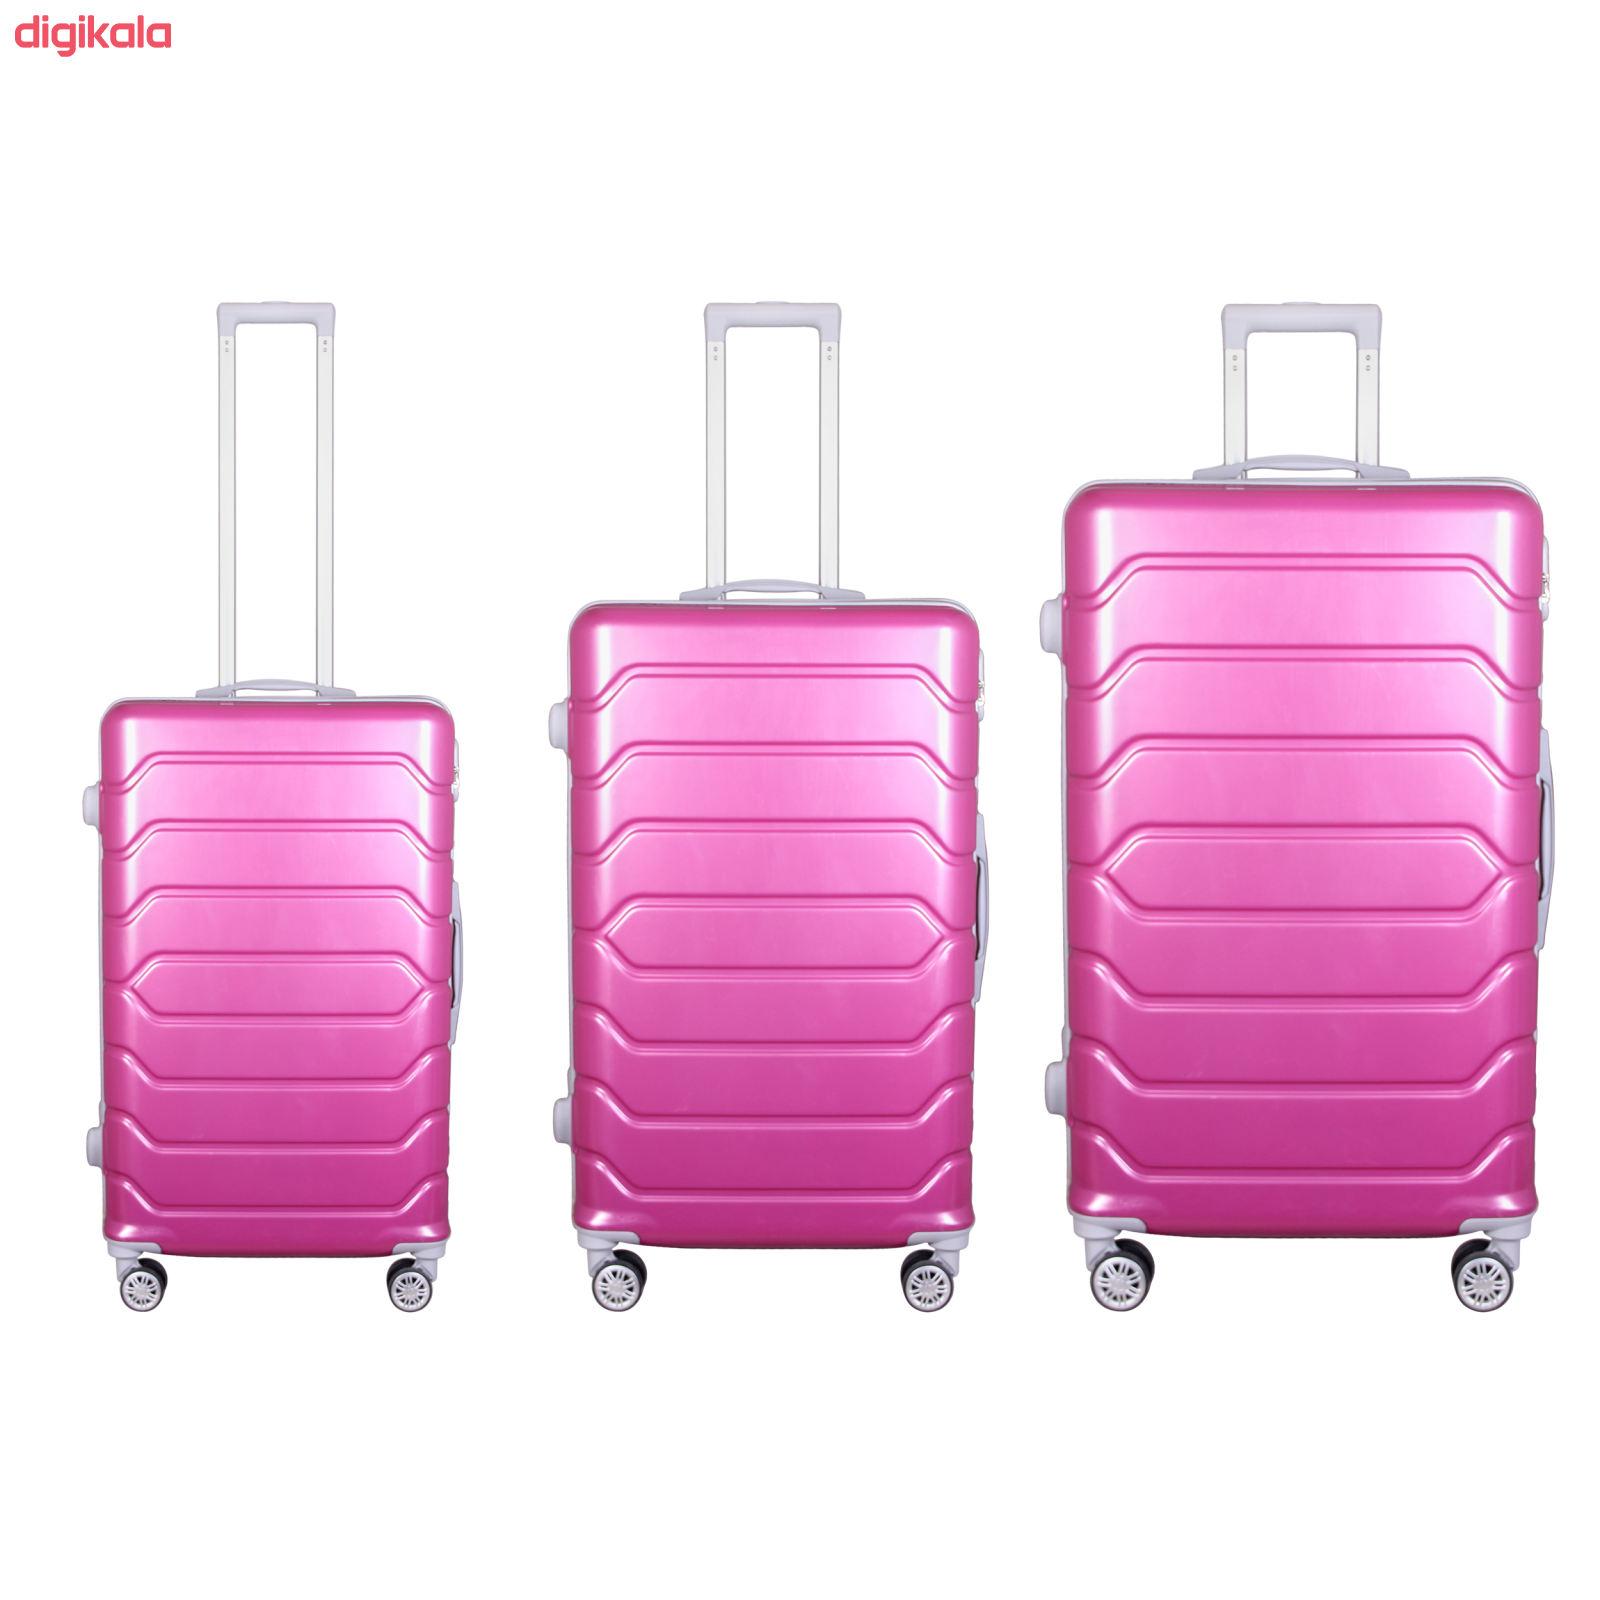 مجموعه سه عددی چمدان مدل 10021 main 1 34